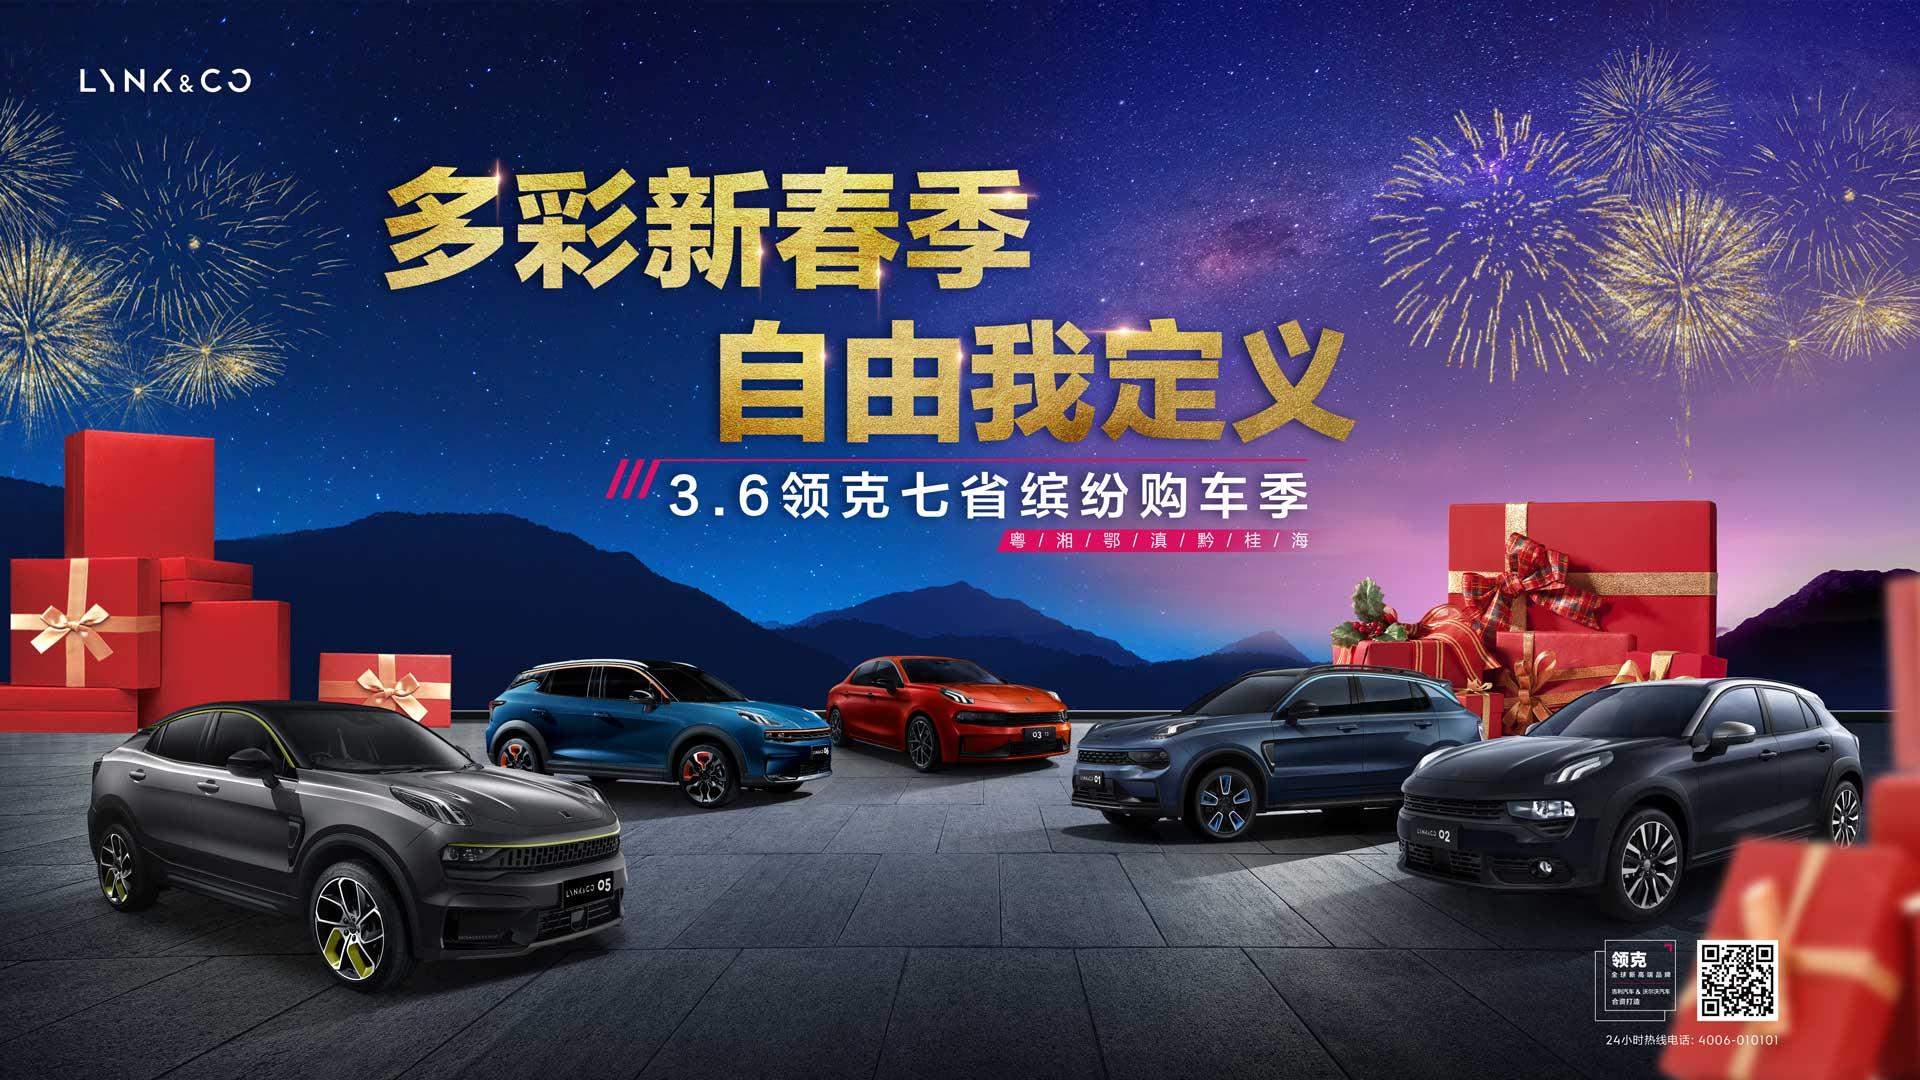 多彩新春季 自由我定义——3.6领克七省缤纷购车季